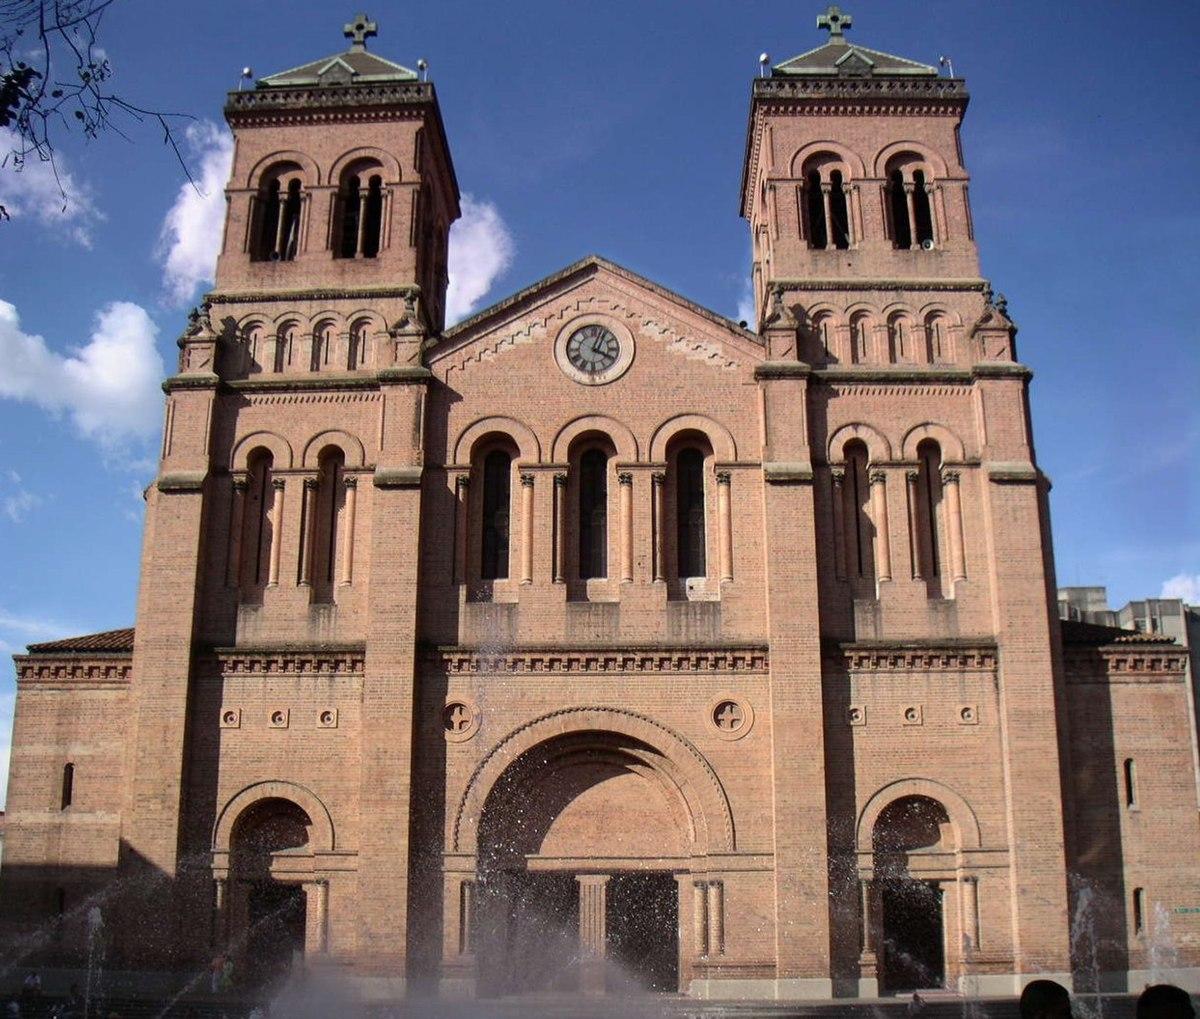 Catedral metropolitana de medell n wikipedia la for Arquitectura wikipedia